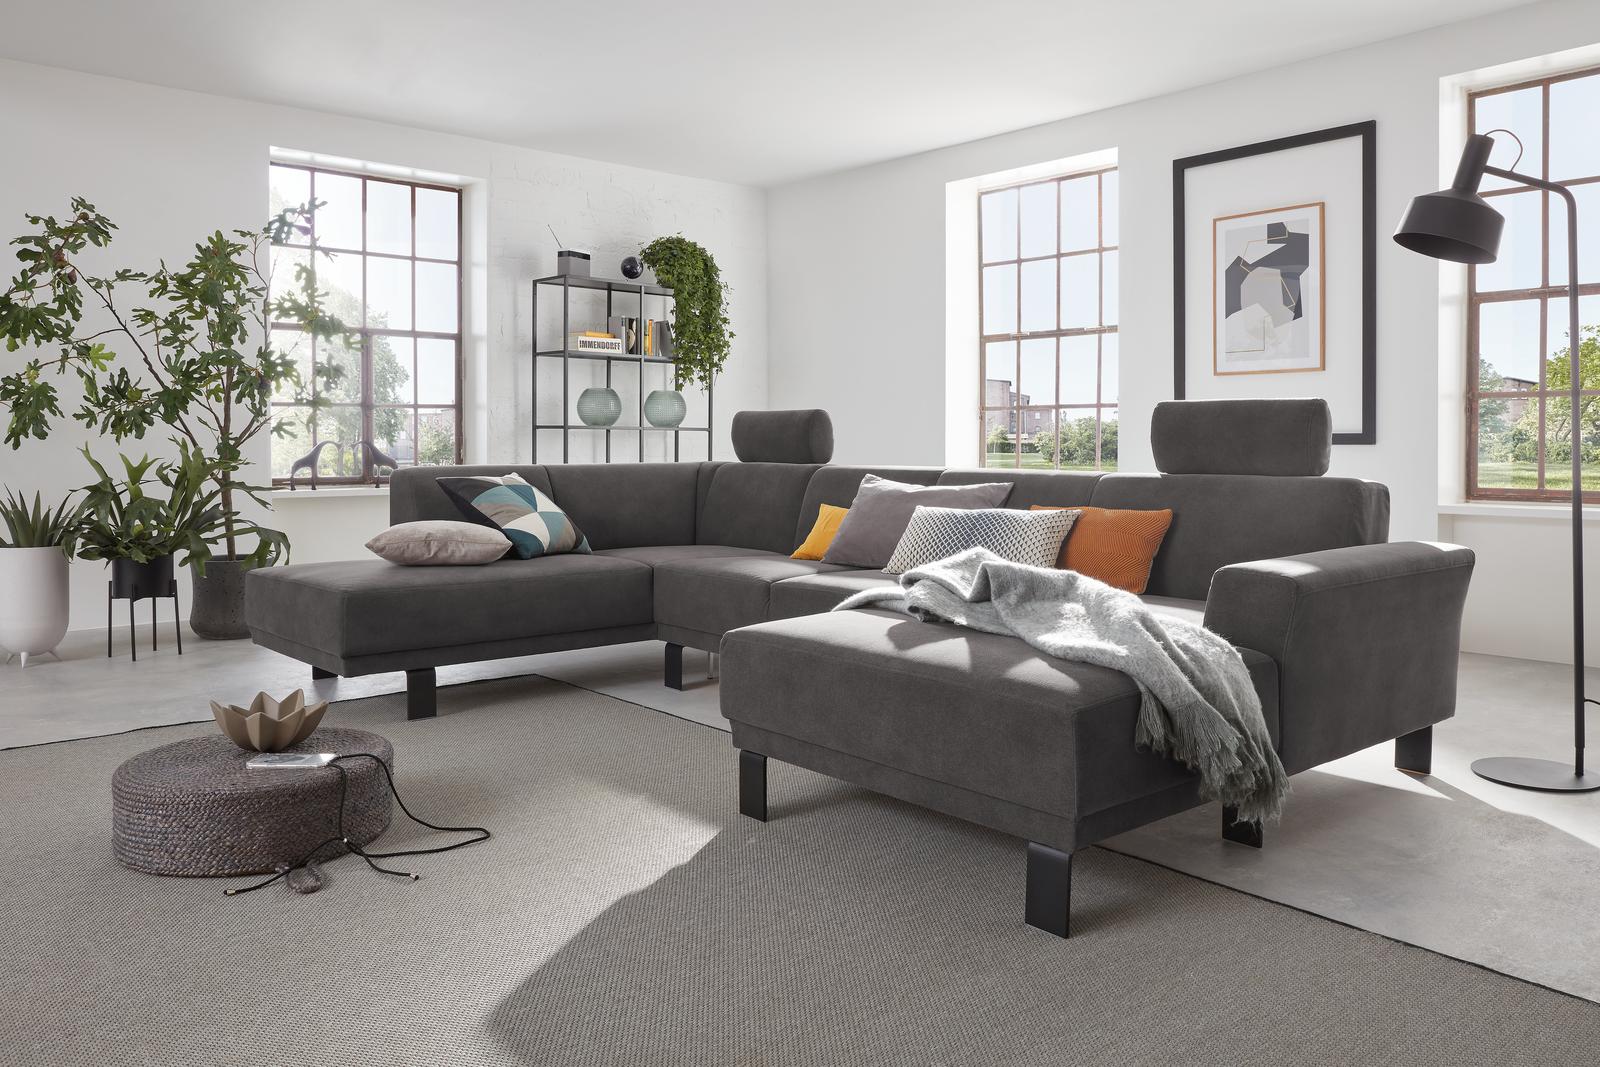 dunkelgraues Sofa mit Vorziehbank, verstellbarer Rückenlehne und schwarzen Metallfüßen